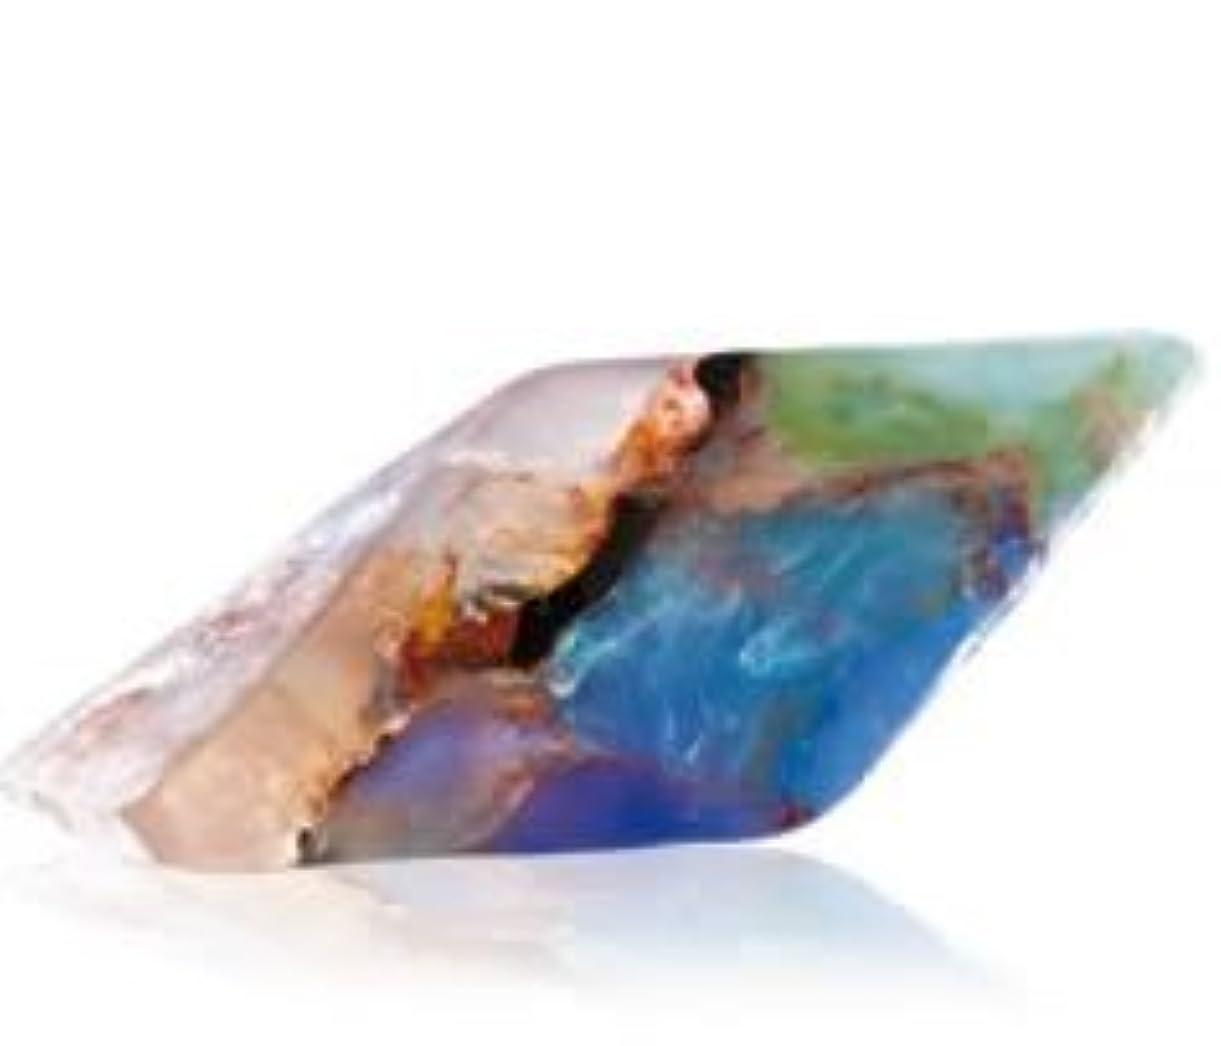 喪告白書き込みSavons Gemme サボンジェム 世界で一番美しい宝石石鹸 フレグランスソープ ブラックオパール 170g